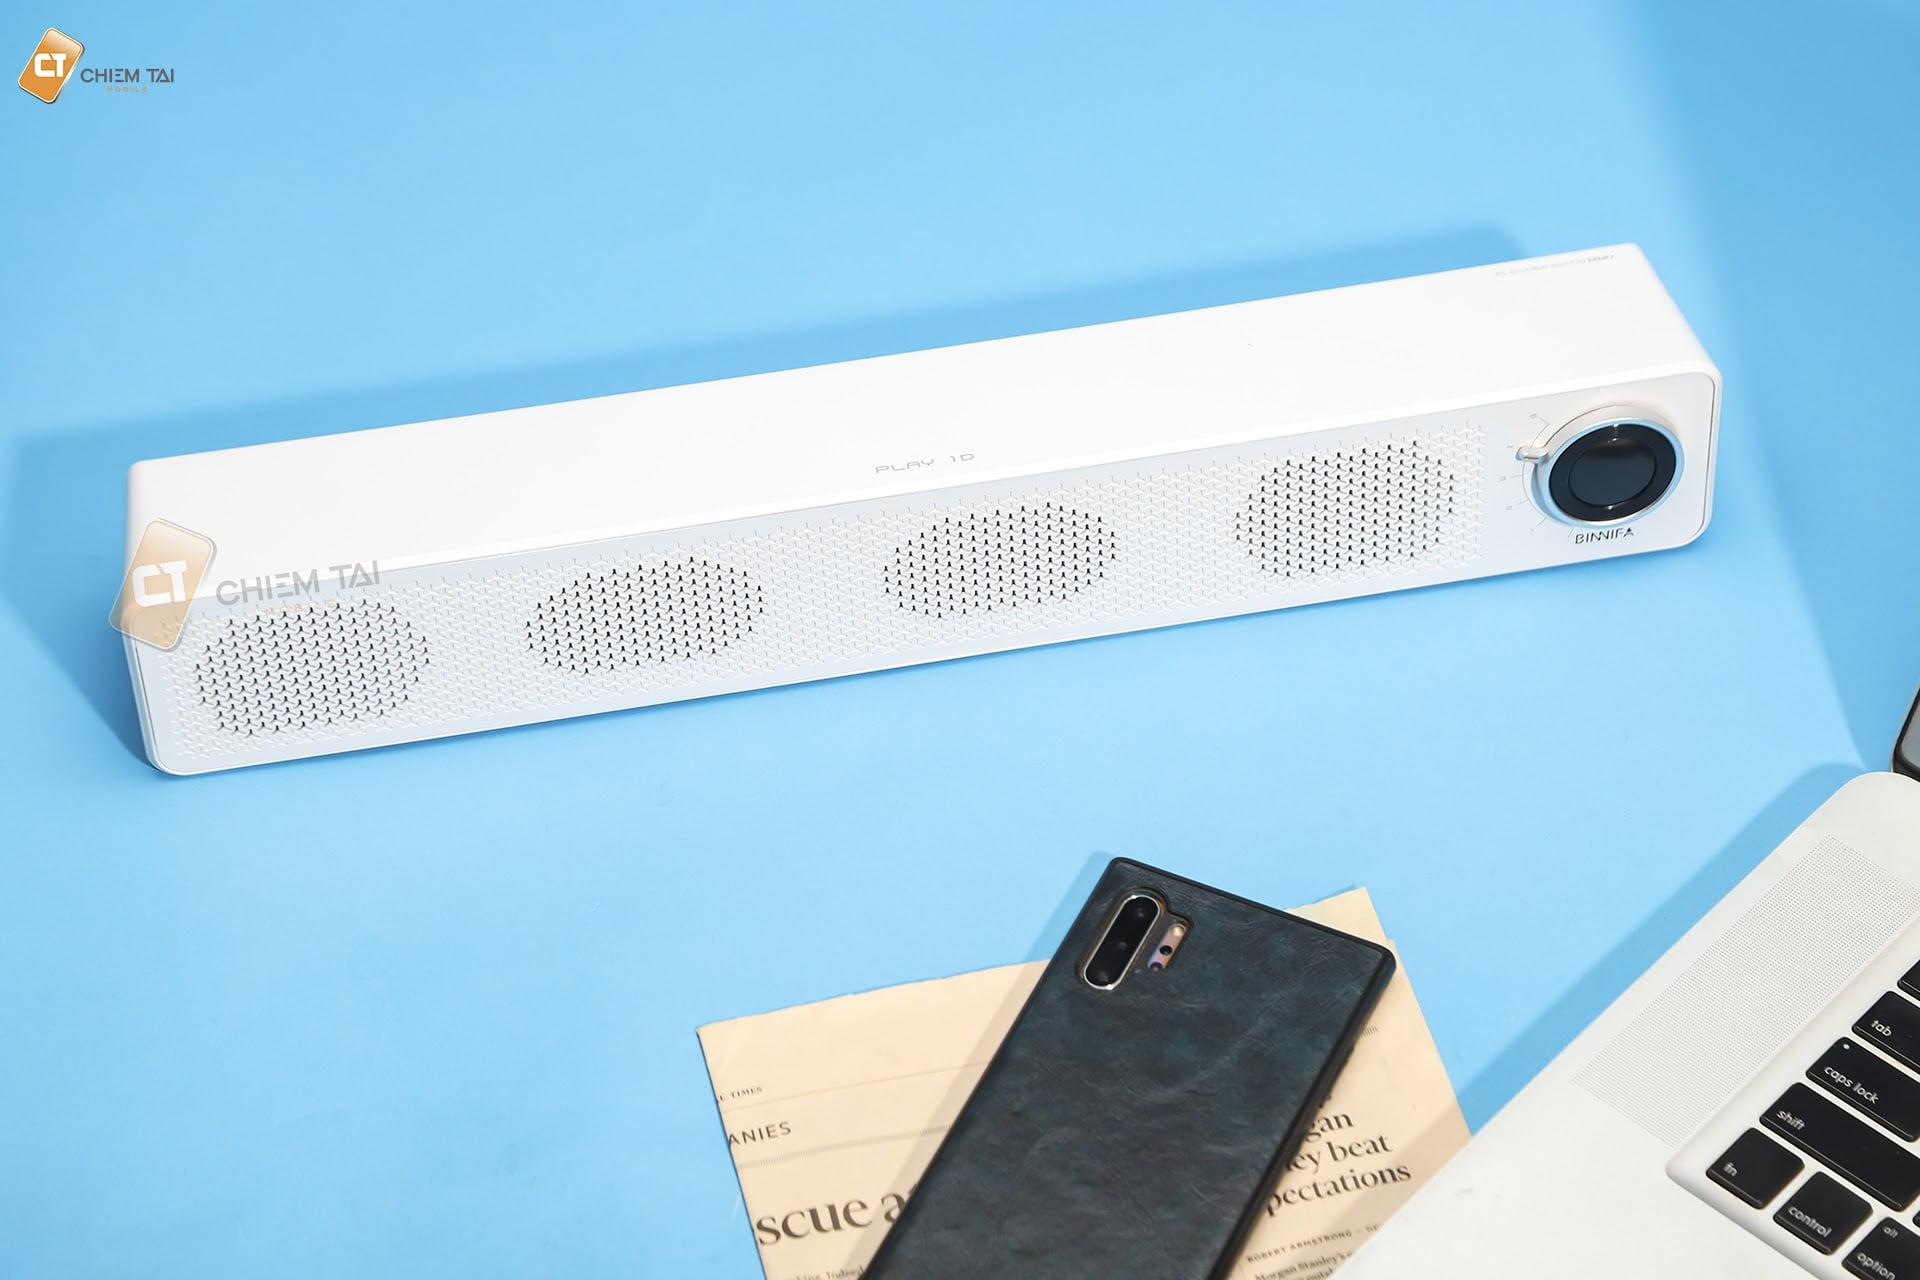 loa soundbar mini binnifa play 1d 605da24266c06